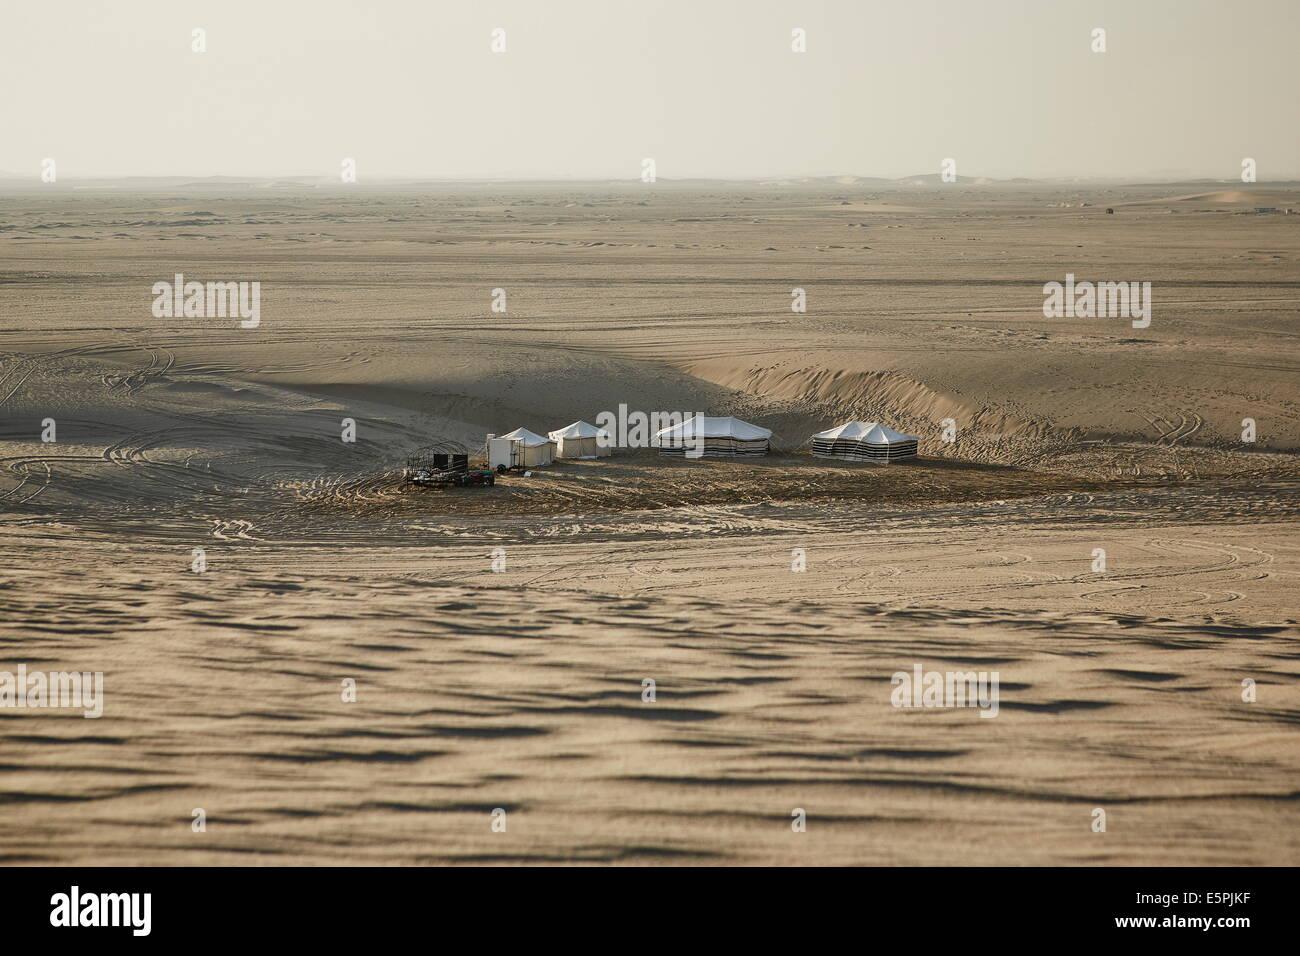 Settlements in the Qatari desert, nomadic culture still evident in the desert, Qatar, Middle East - Stock Image